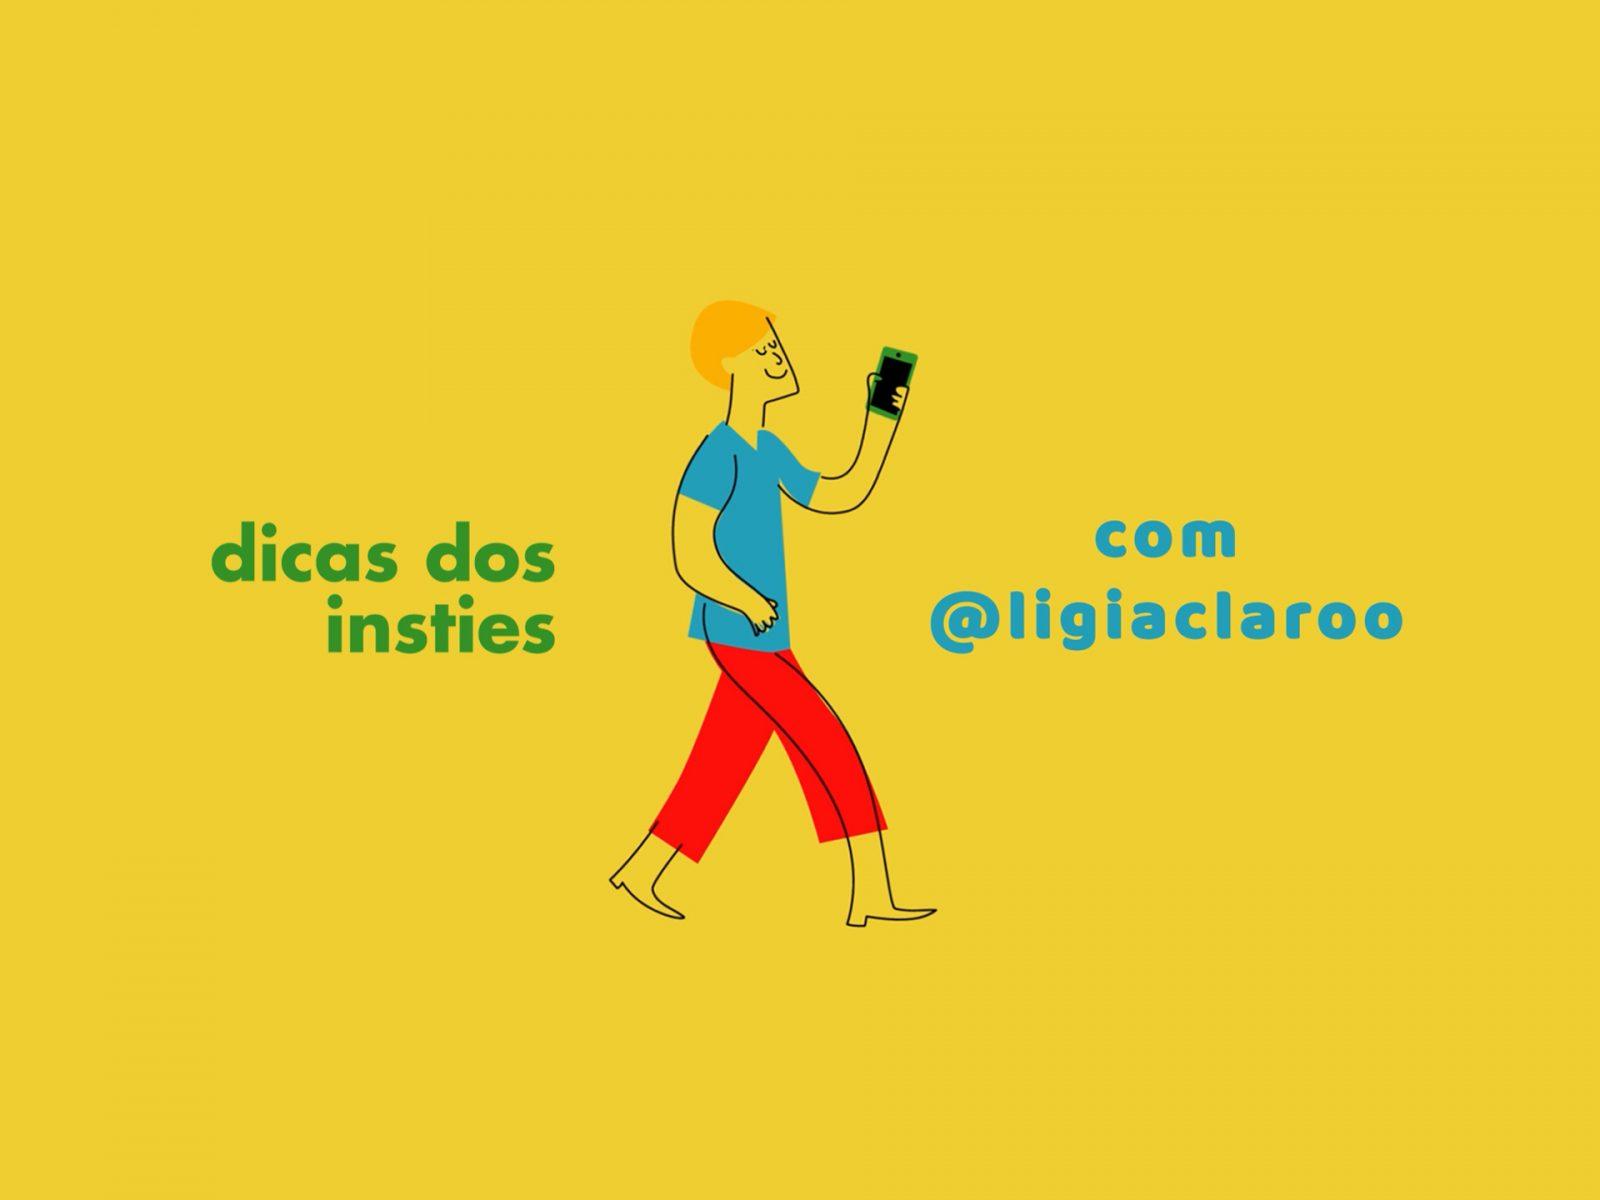 dicas_insties_ligiaclaoo